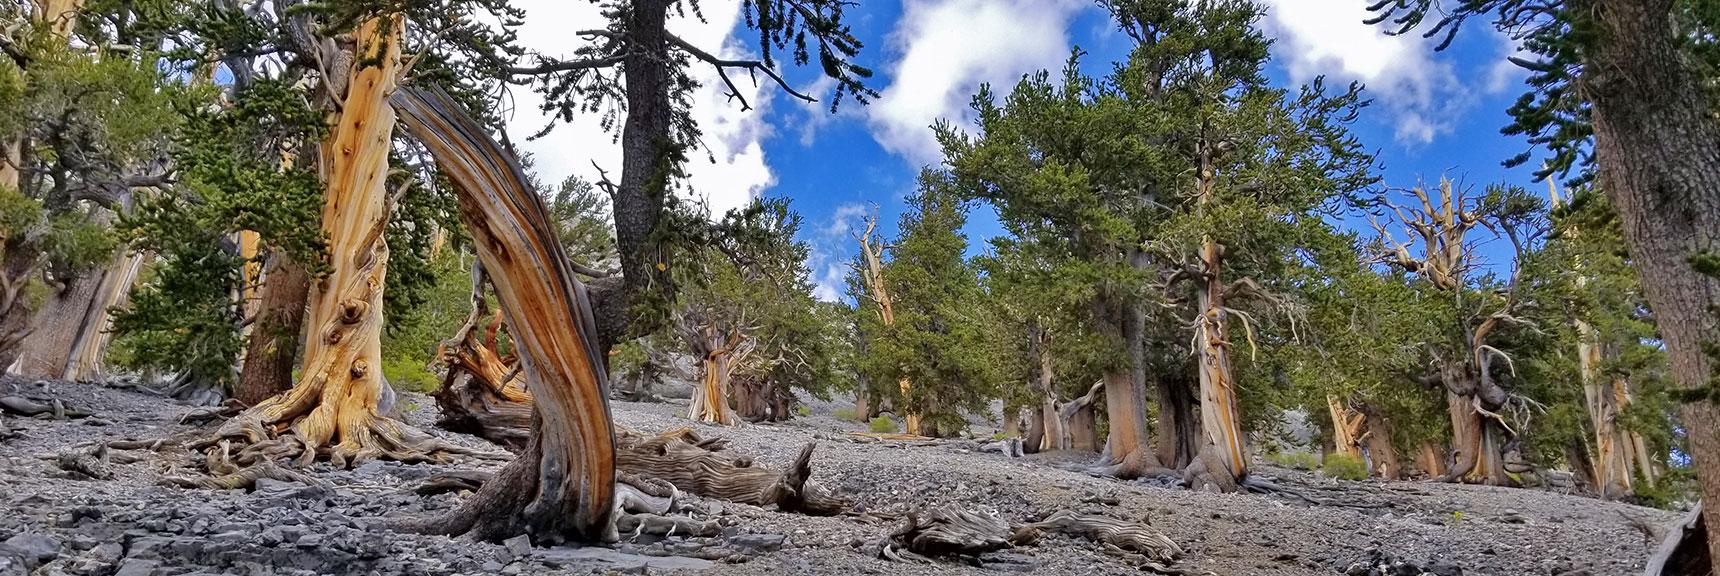 Bristlecone Pine Forest on Ridge Below Mummy Mountain Eastern Cliffs   Mummy Mountain NNE, Mt. Charleston Wilderness, Nevada, Slide 010